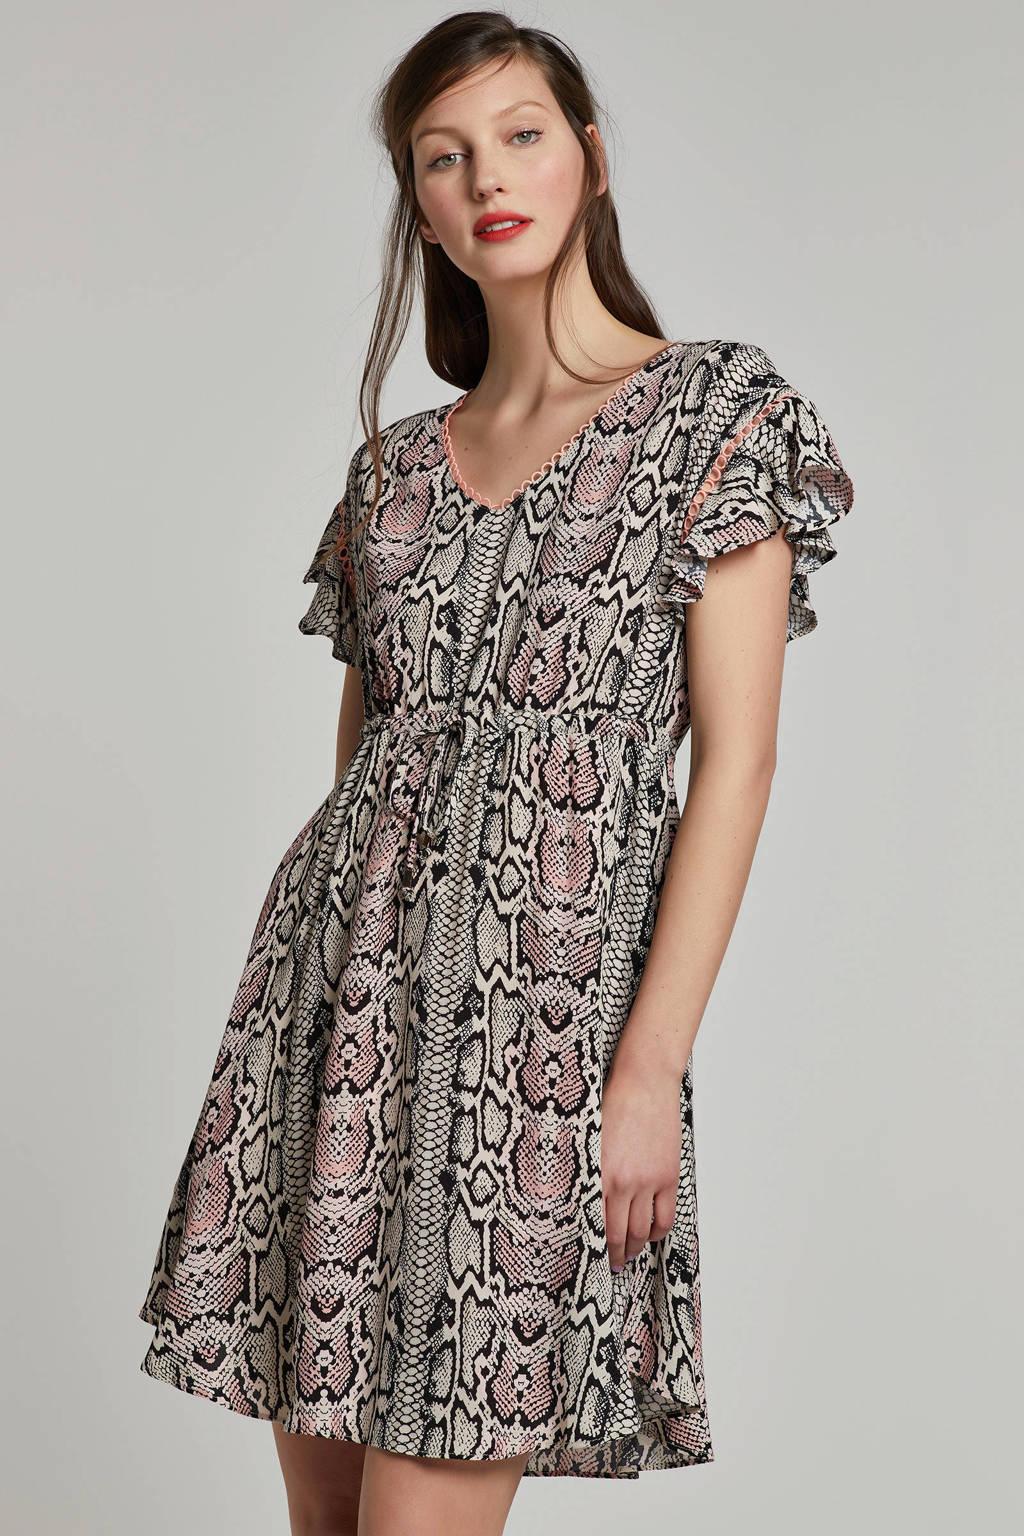 MARIA TAILOR jurk met slangenprint, Bruin/roze